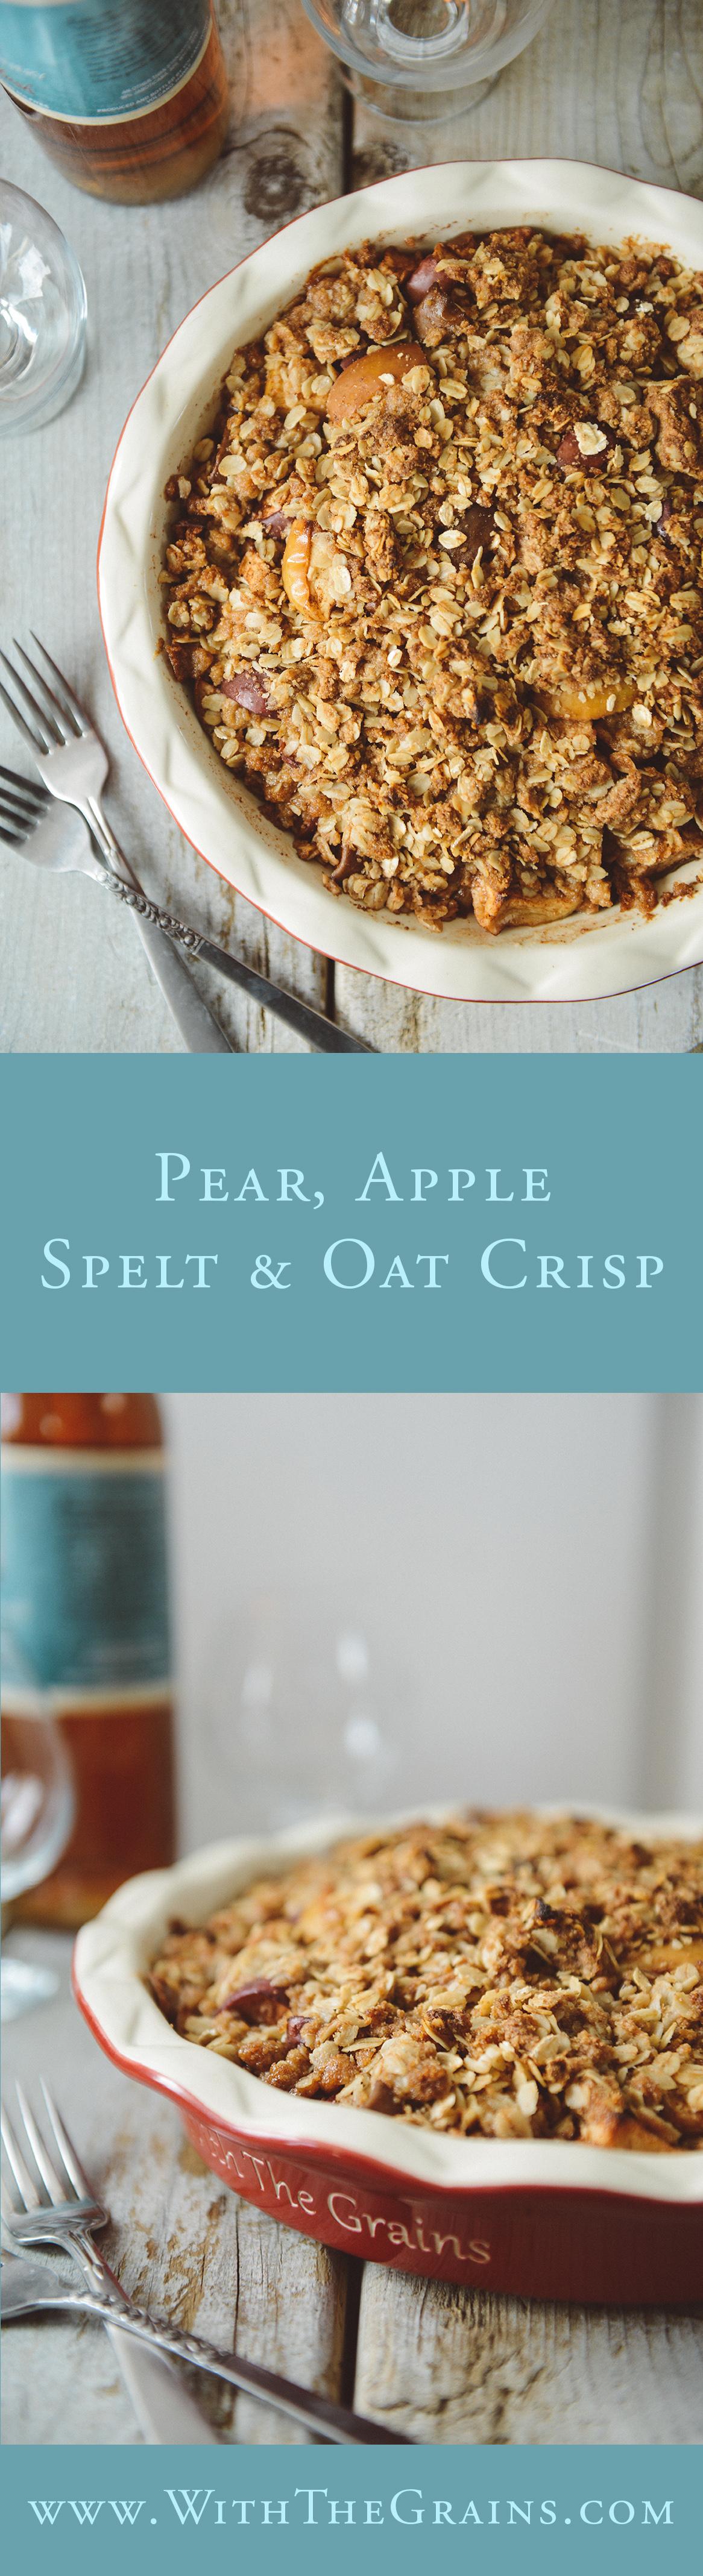 Pear Apple Spelt & Oat Crisp // www.WithTheGrains.com